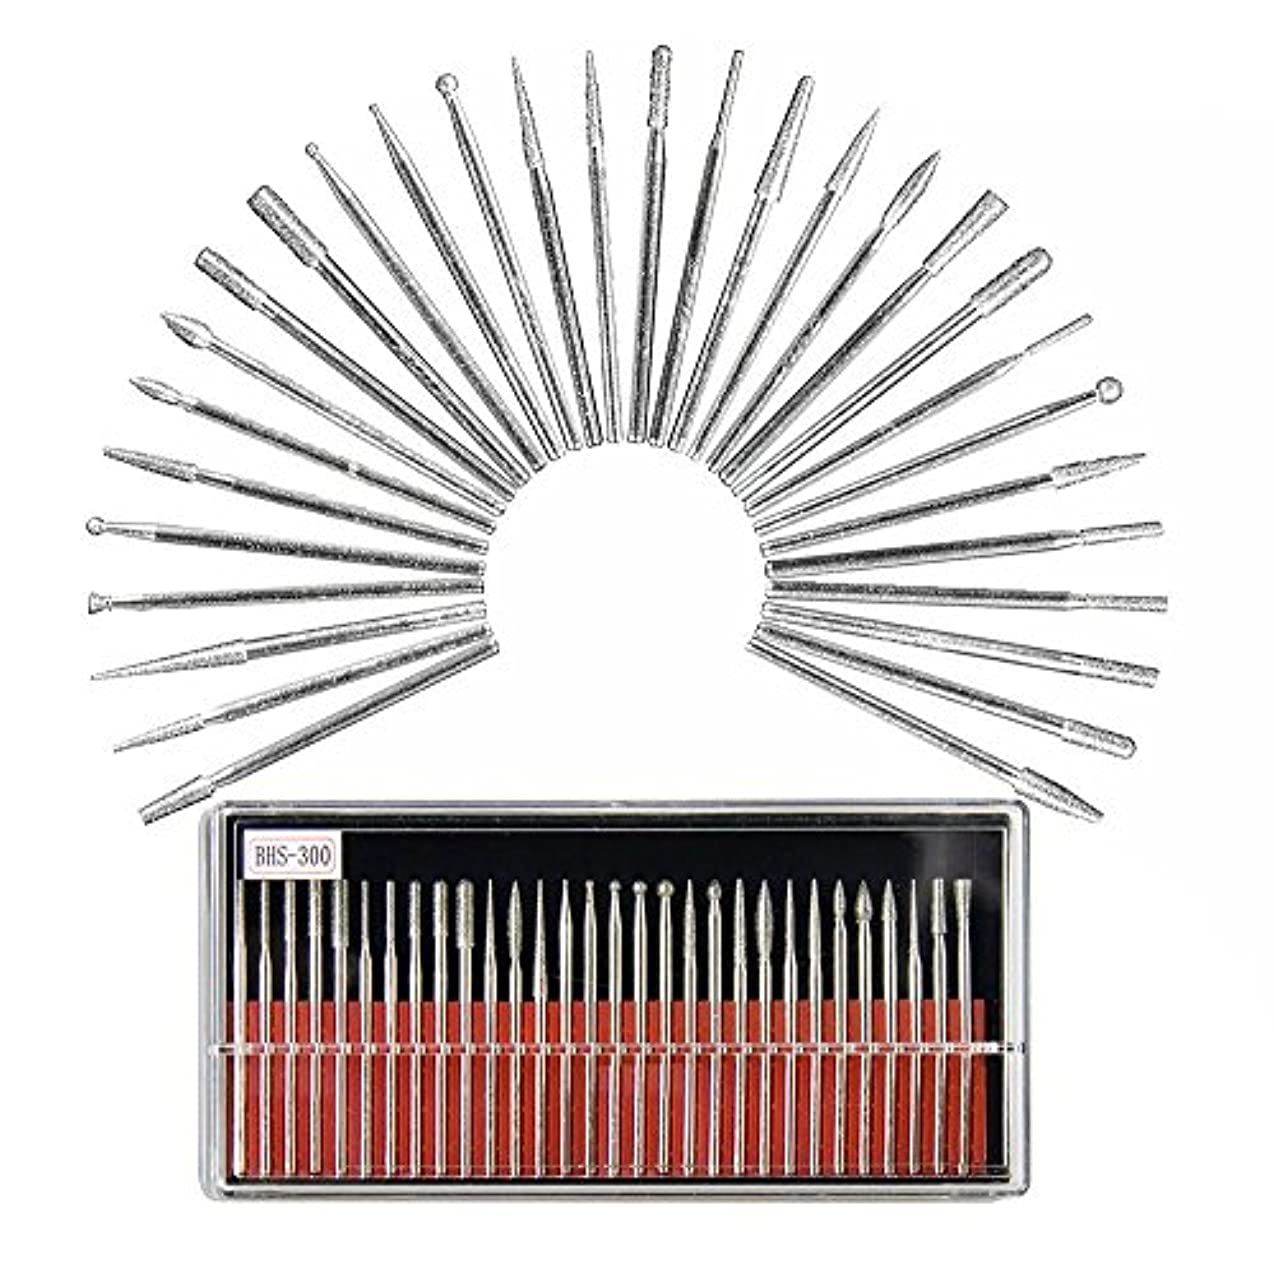 マニアック悪名高いあたたかいネイルマシーン用 軸2.35mm 取り替えビットセット ミニルーター用 高品質 耐食 合金 各種類 30本入り 箱付 研磨 ネイルケア ネイルアート 角質処理 ツール ネイルマシーン 工具